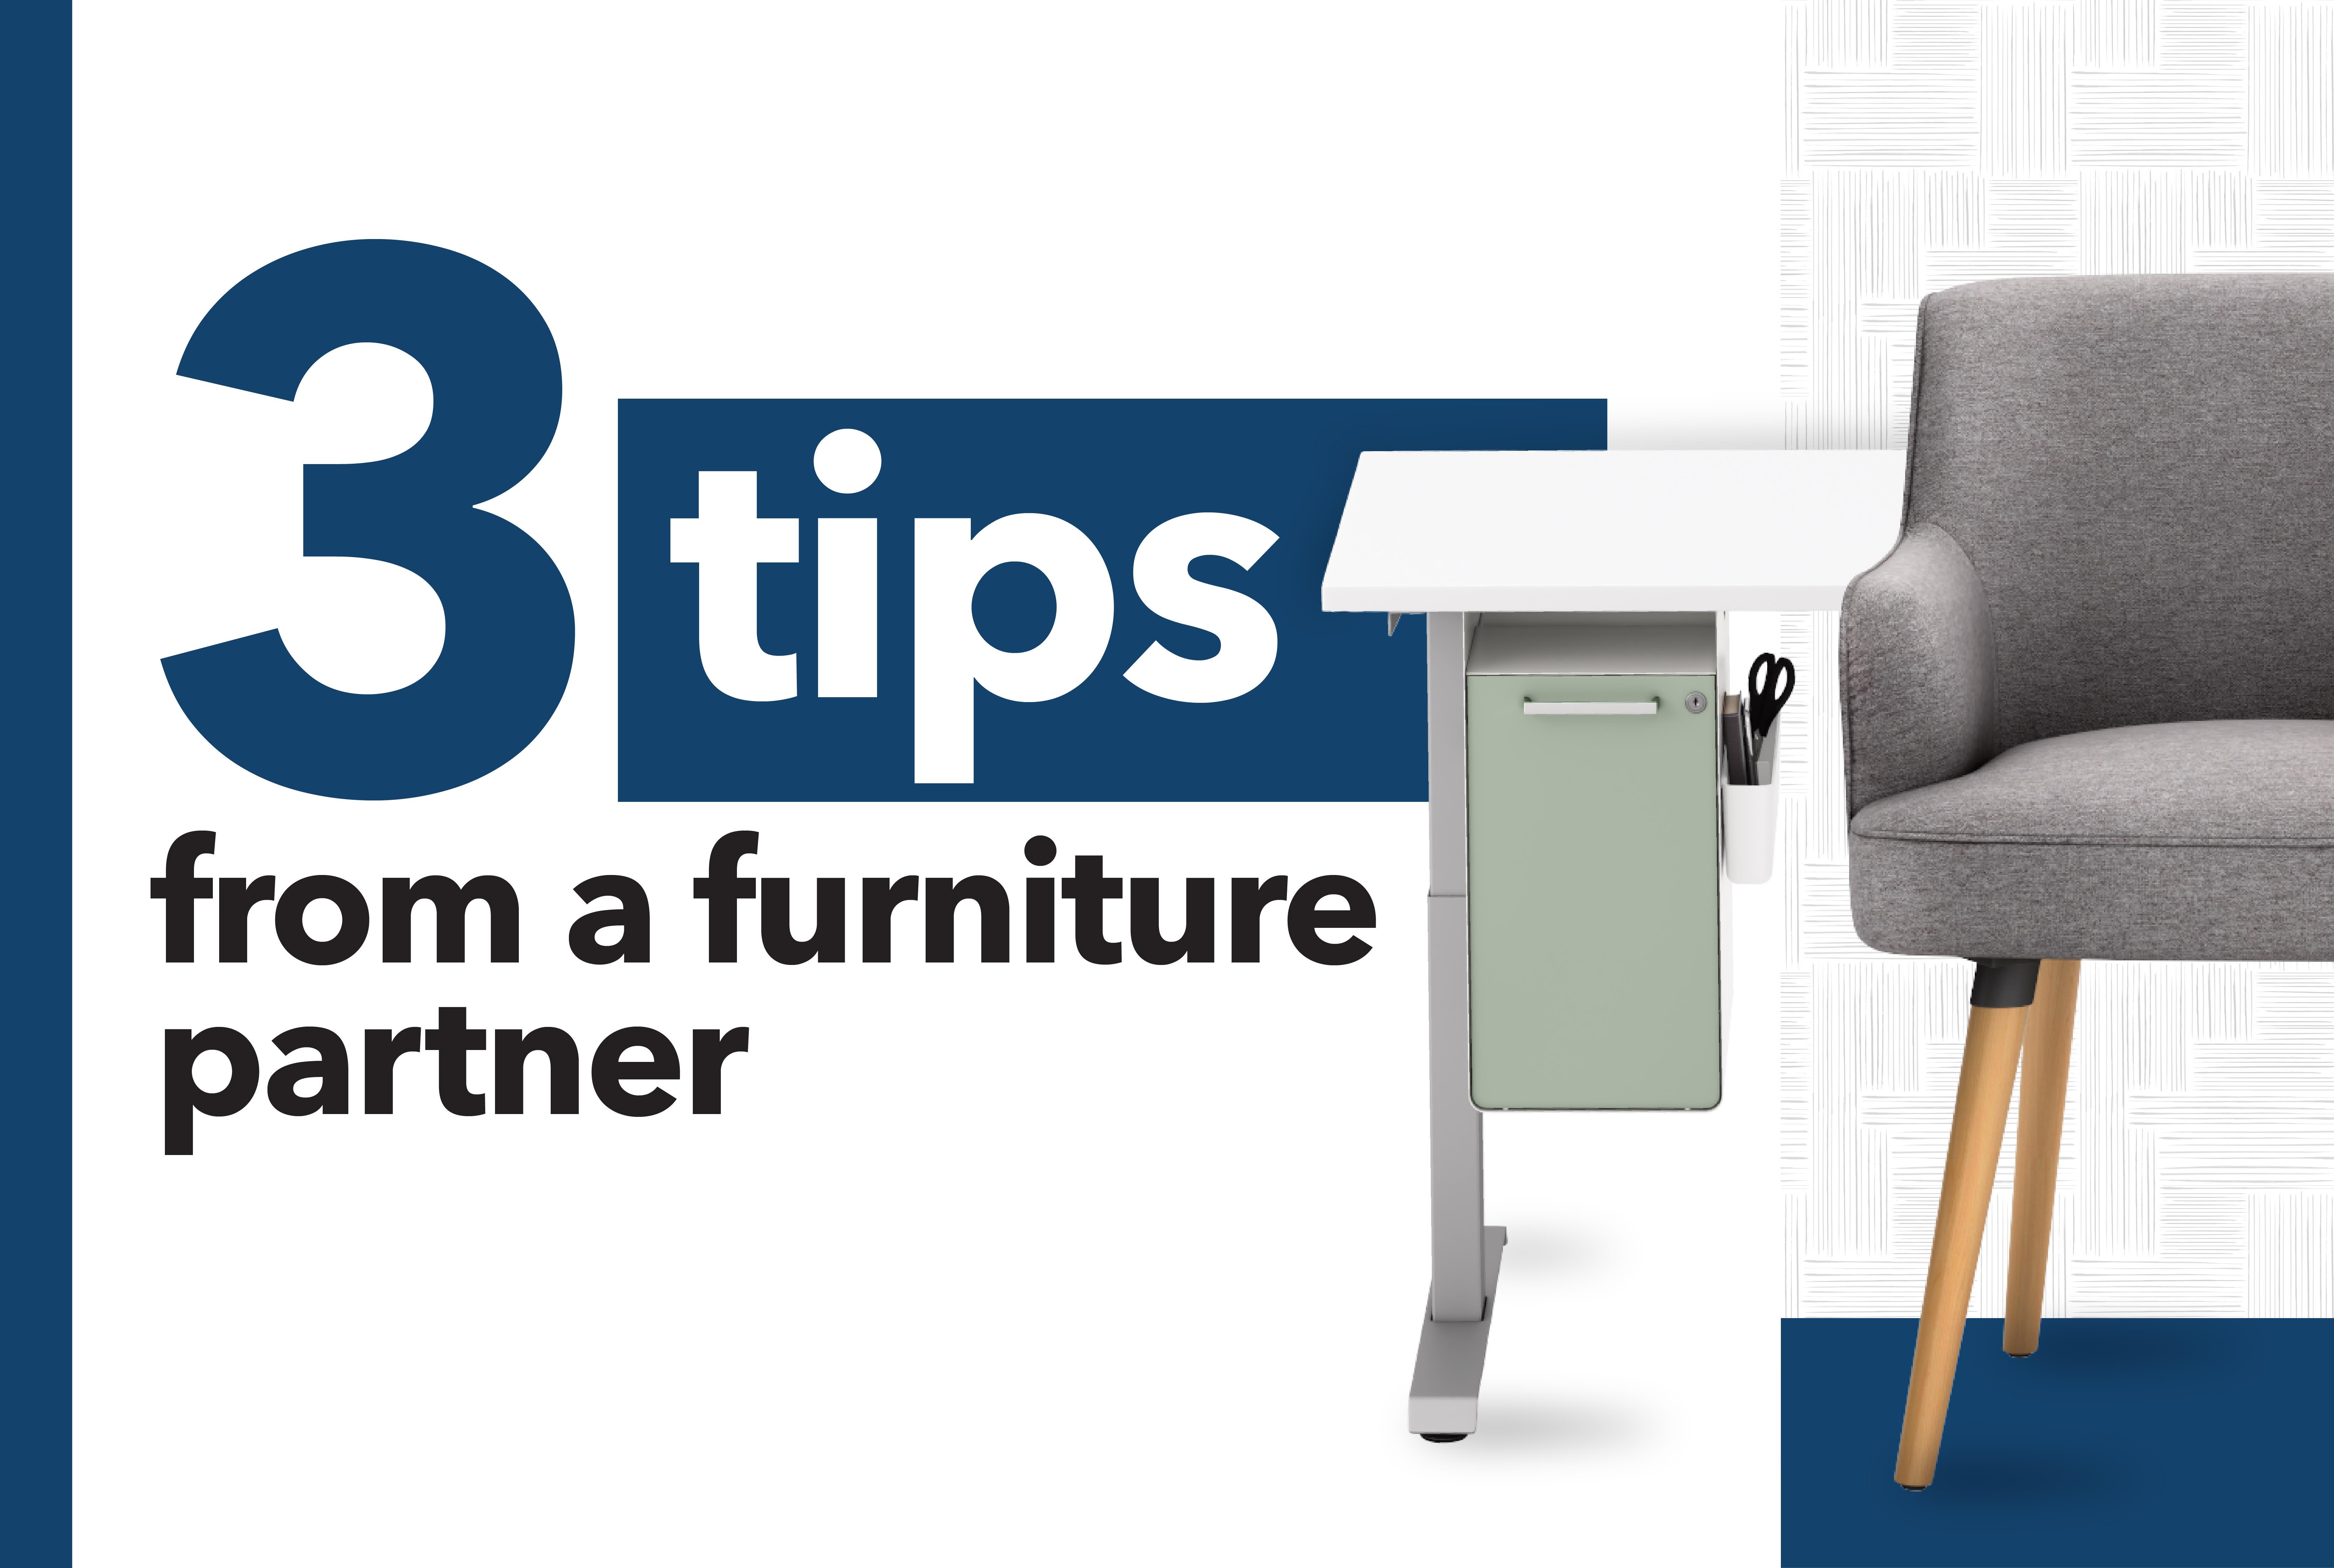 HON-Blog-3-Tips-Furniture-Partner-hero